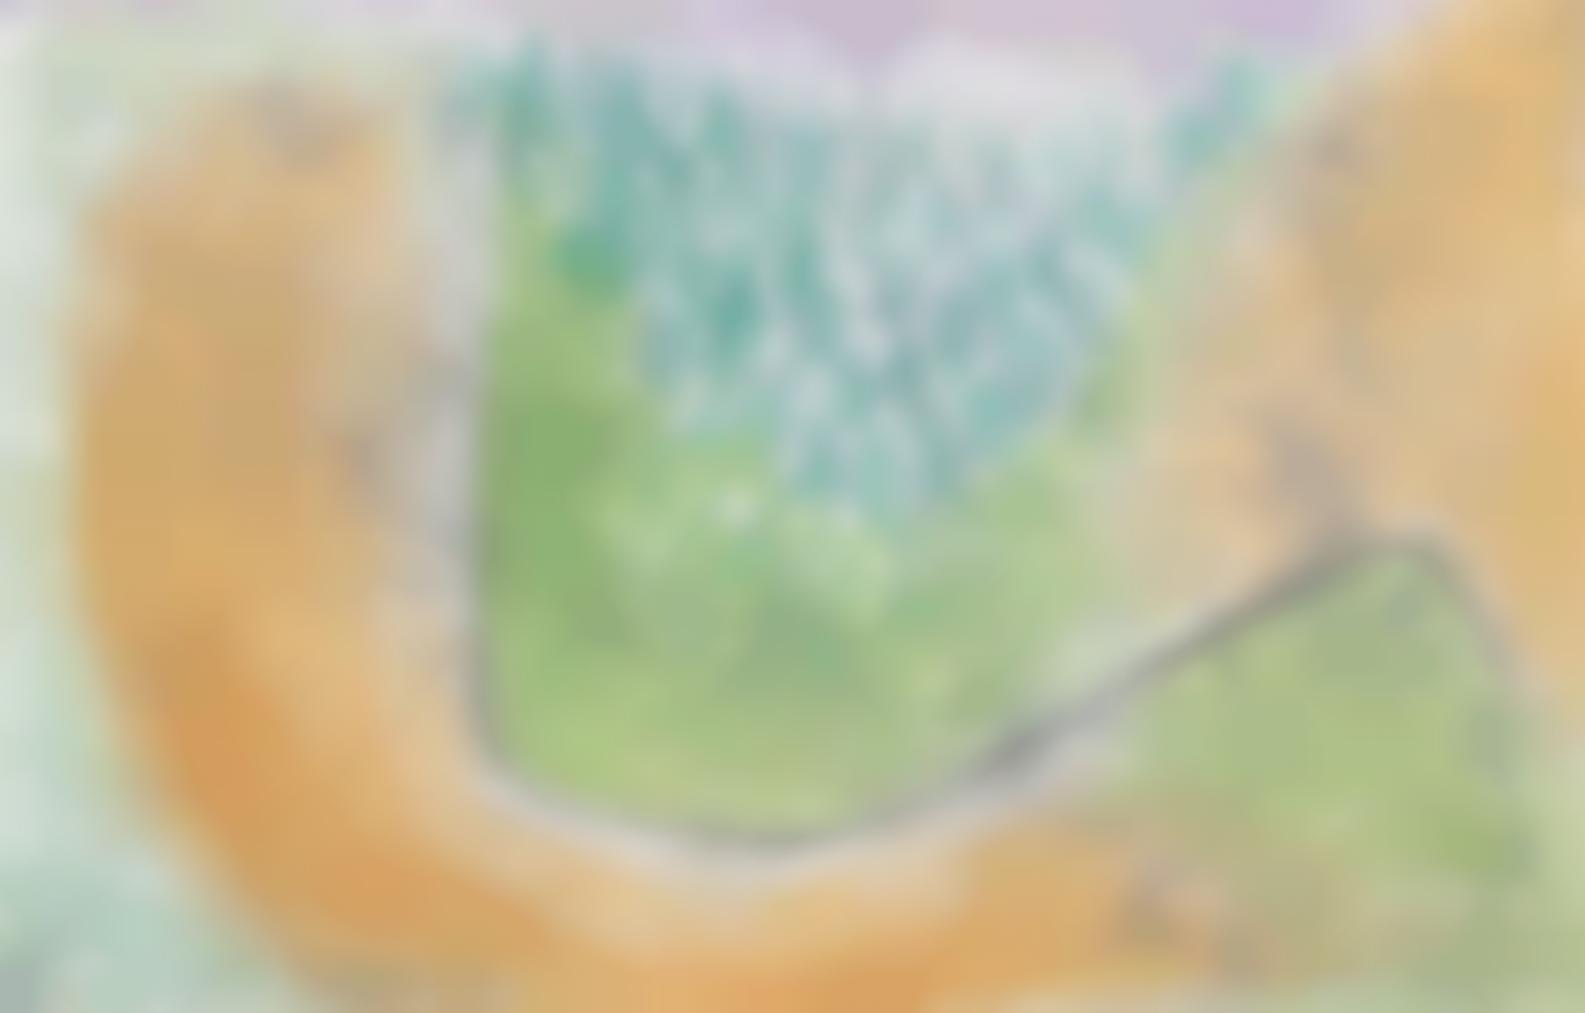 Paul Klee-Voralpine Landschaft-1937